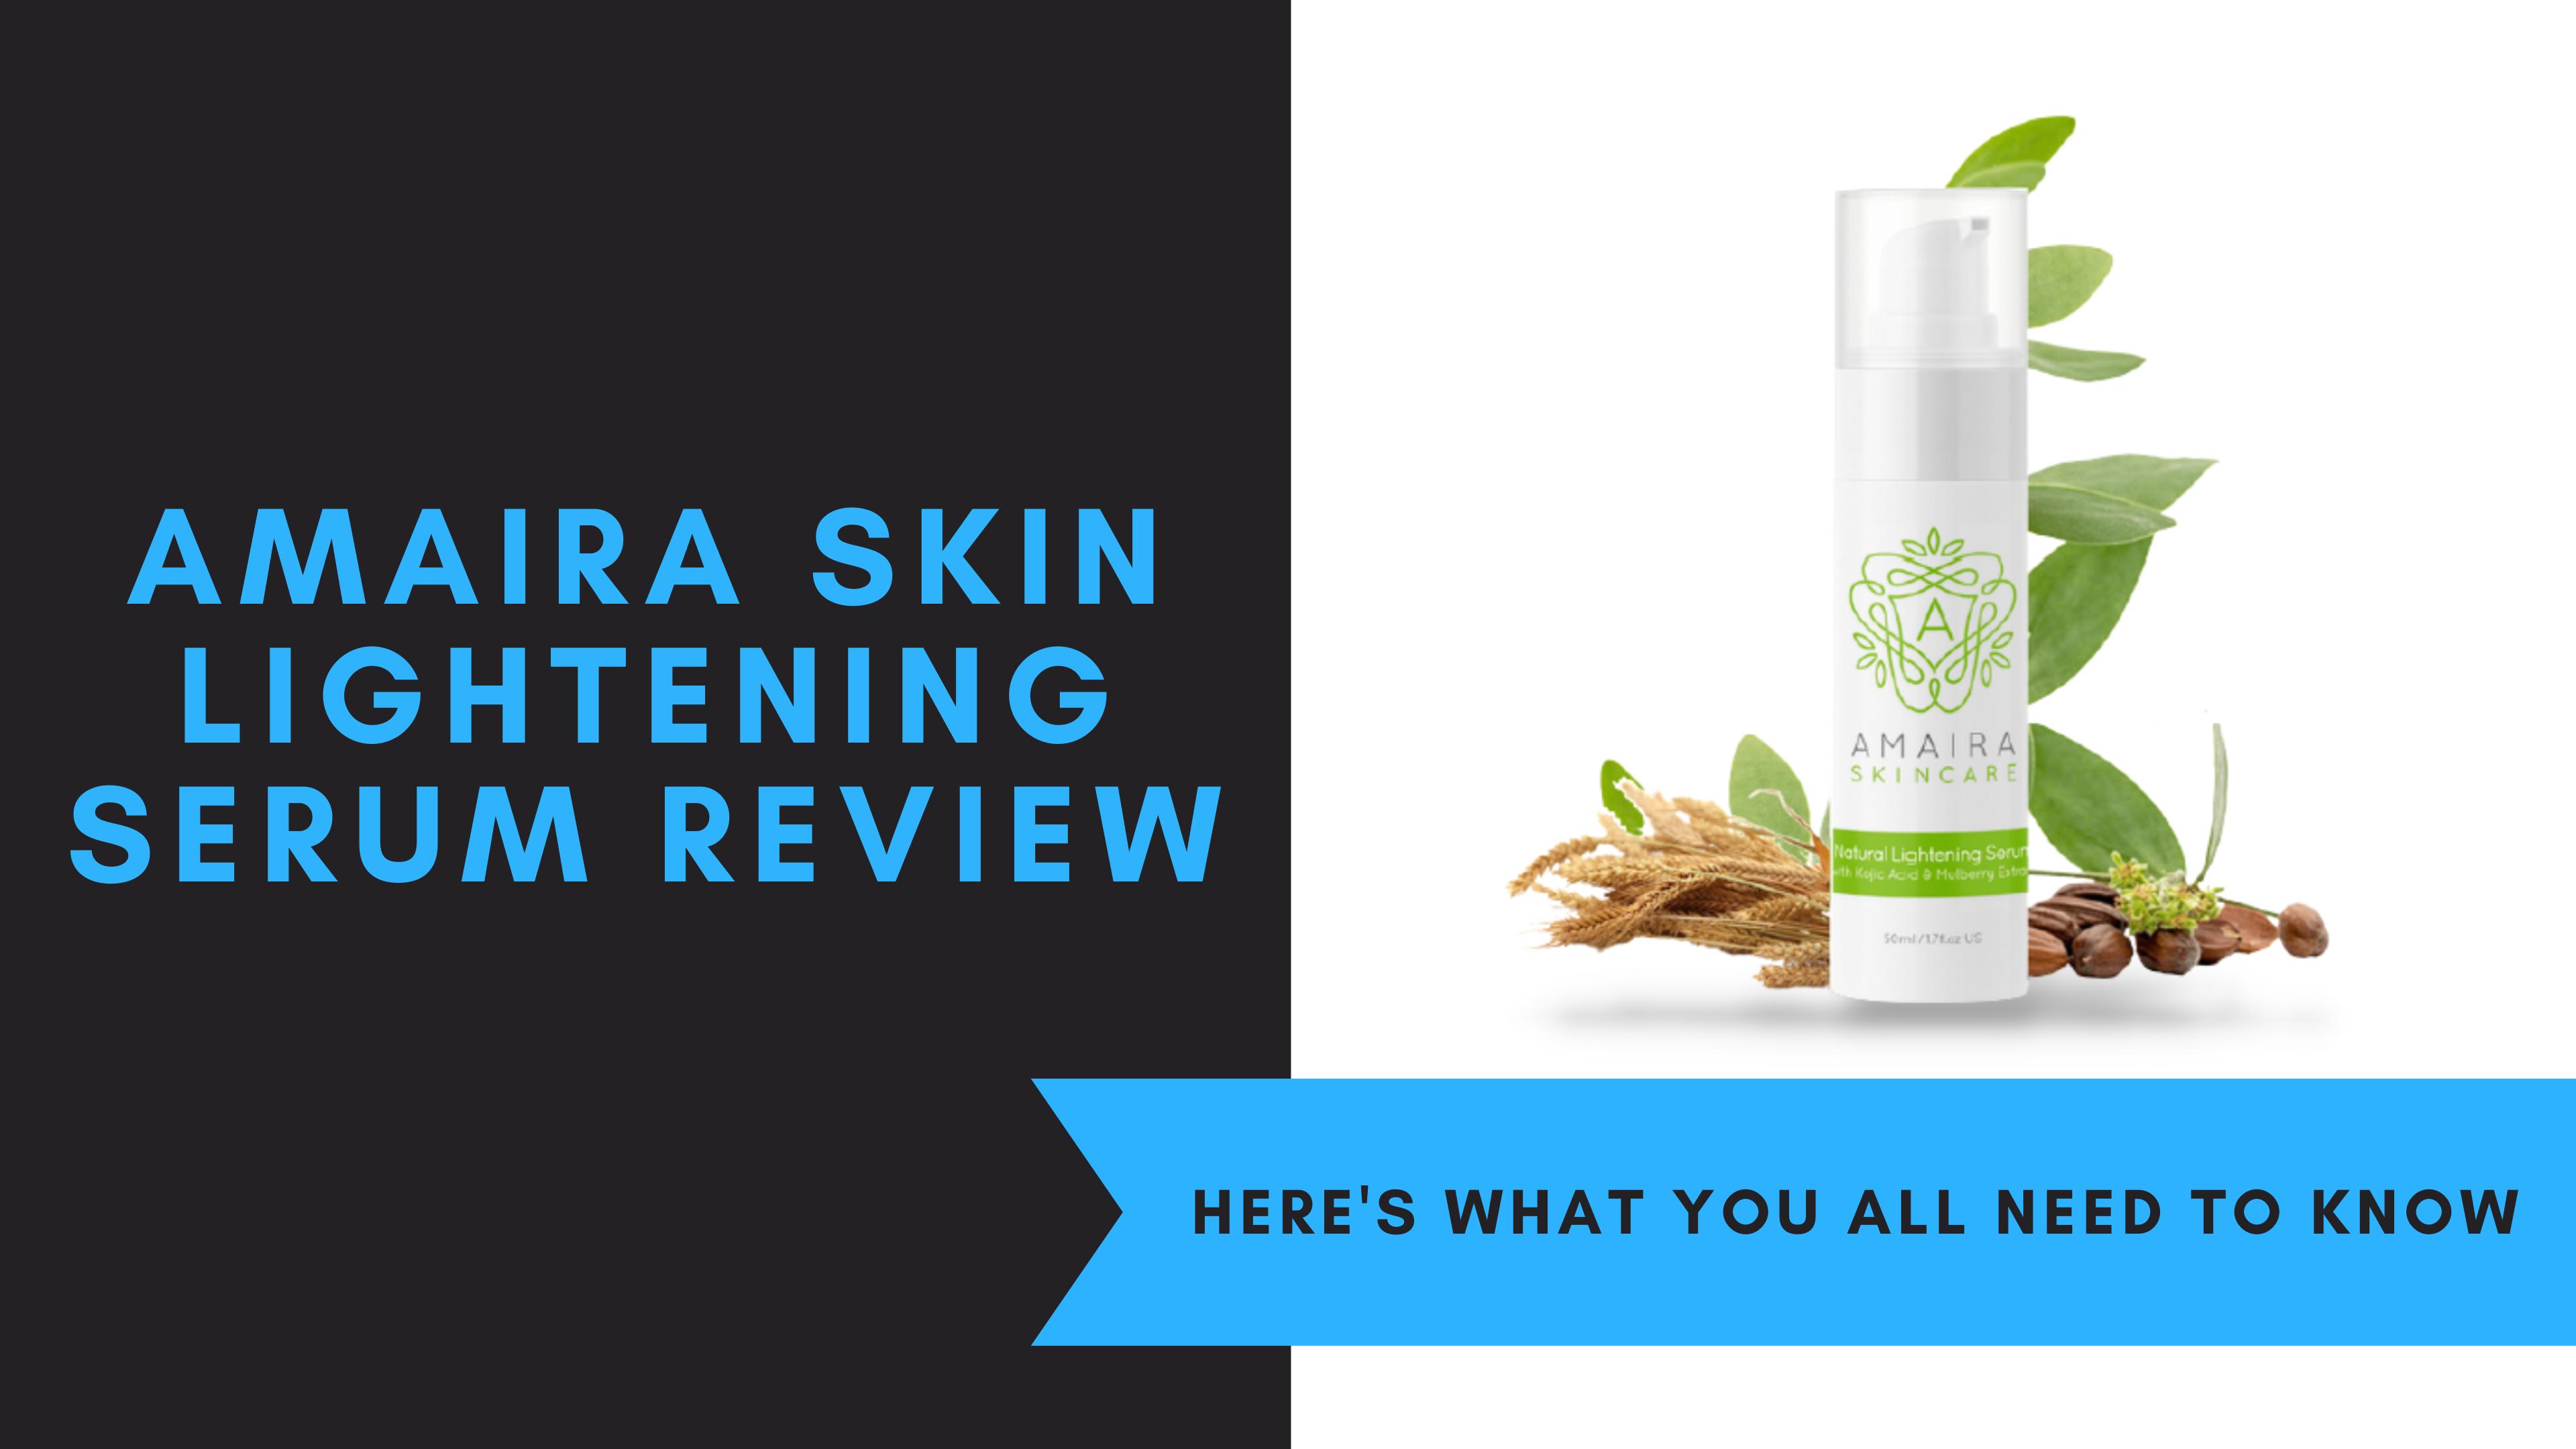 Amaira Skin Lightening Serum